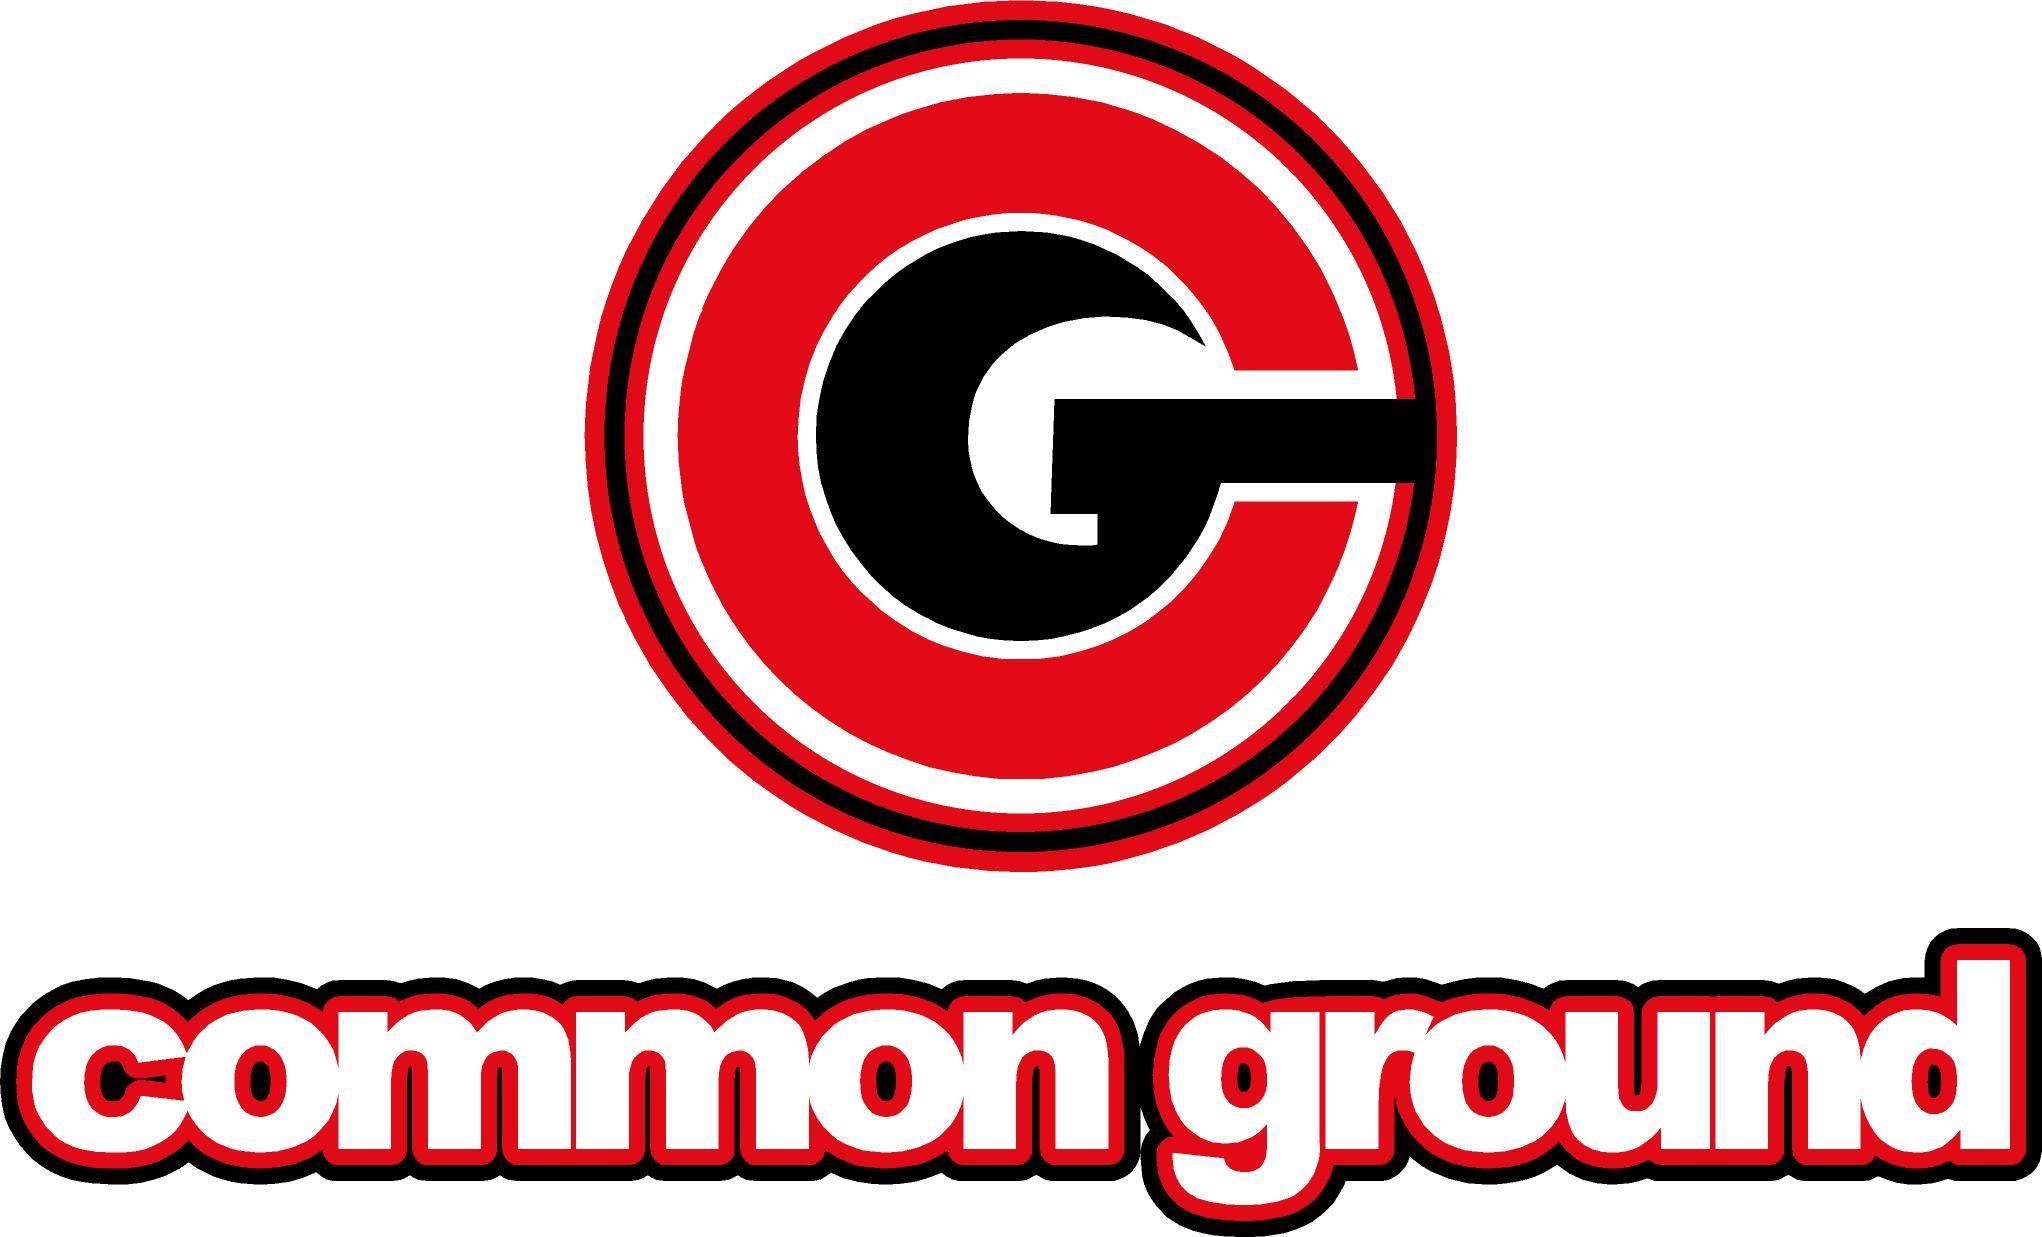 Common Ground Las Vegas